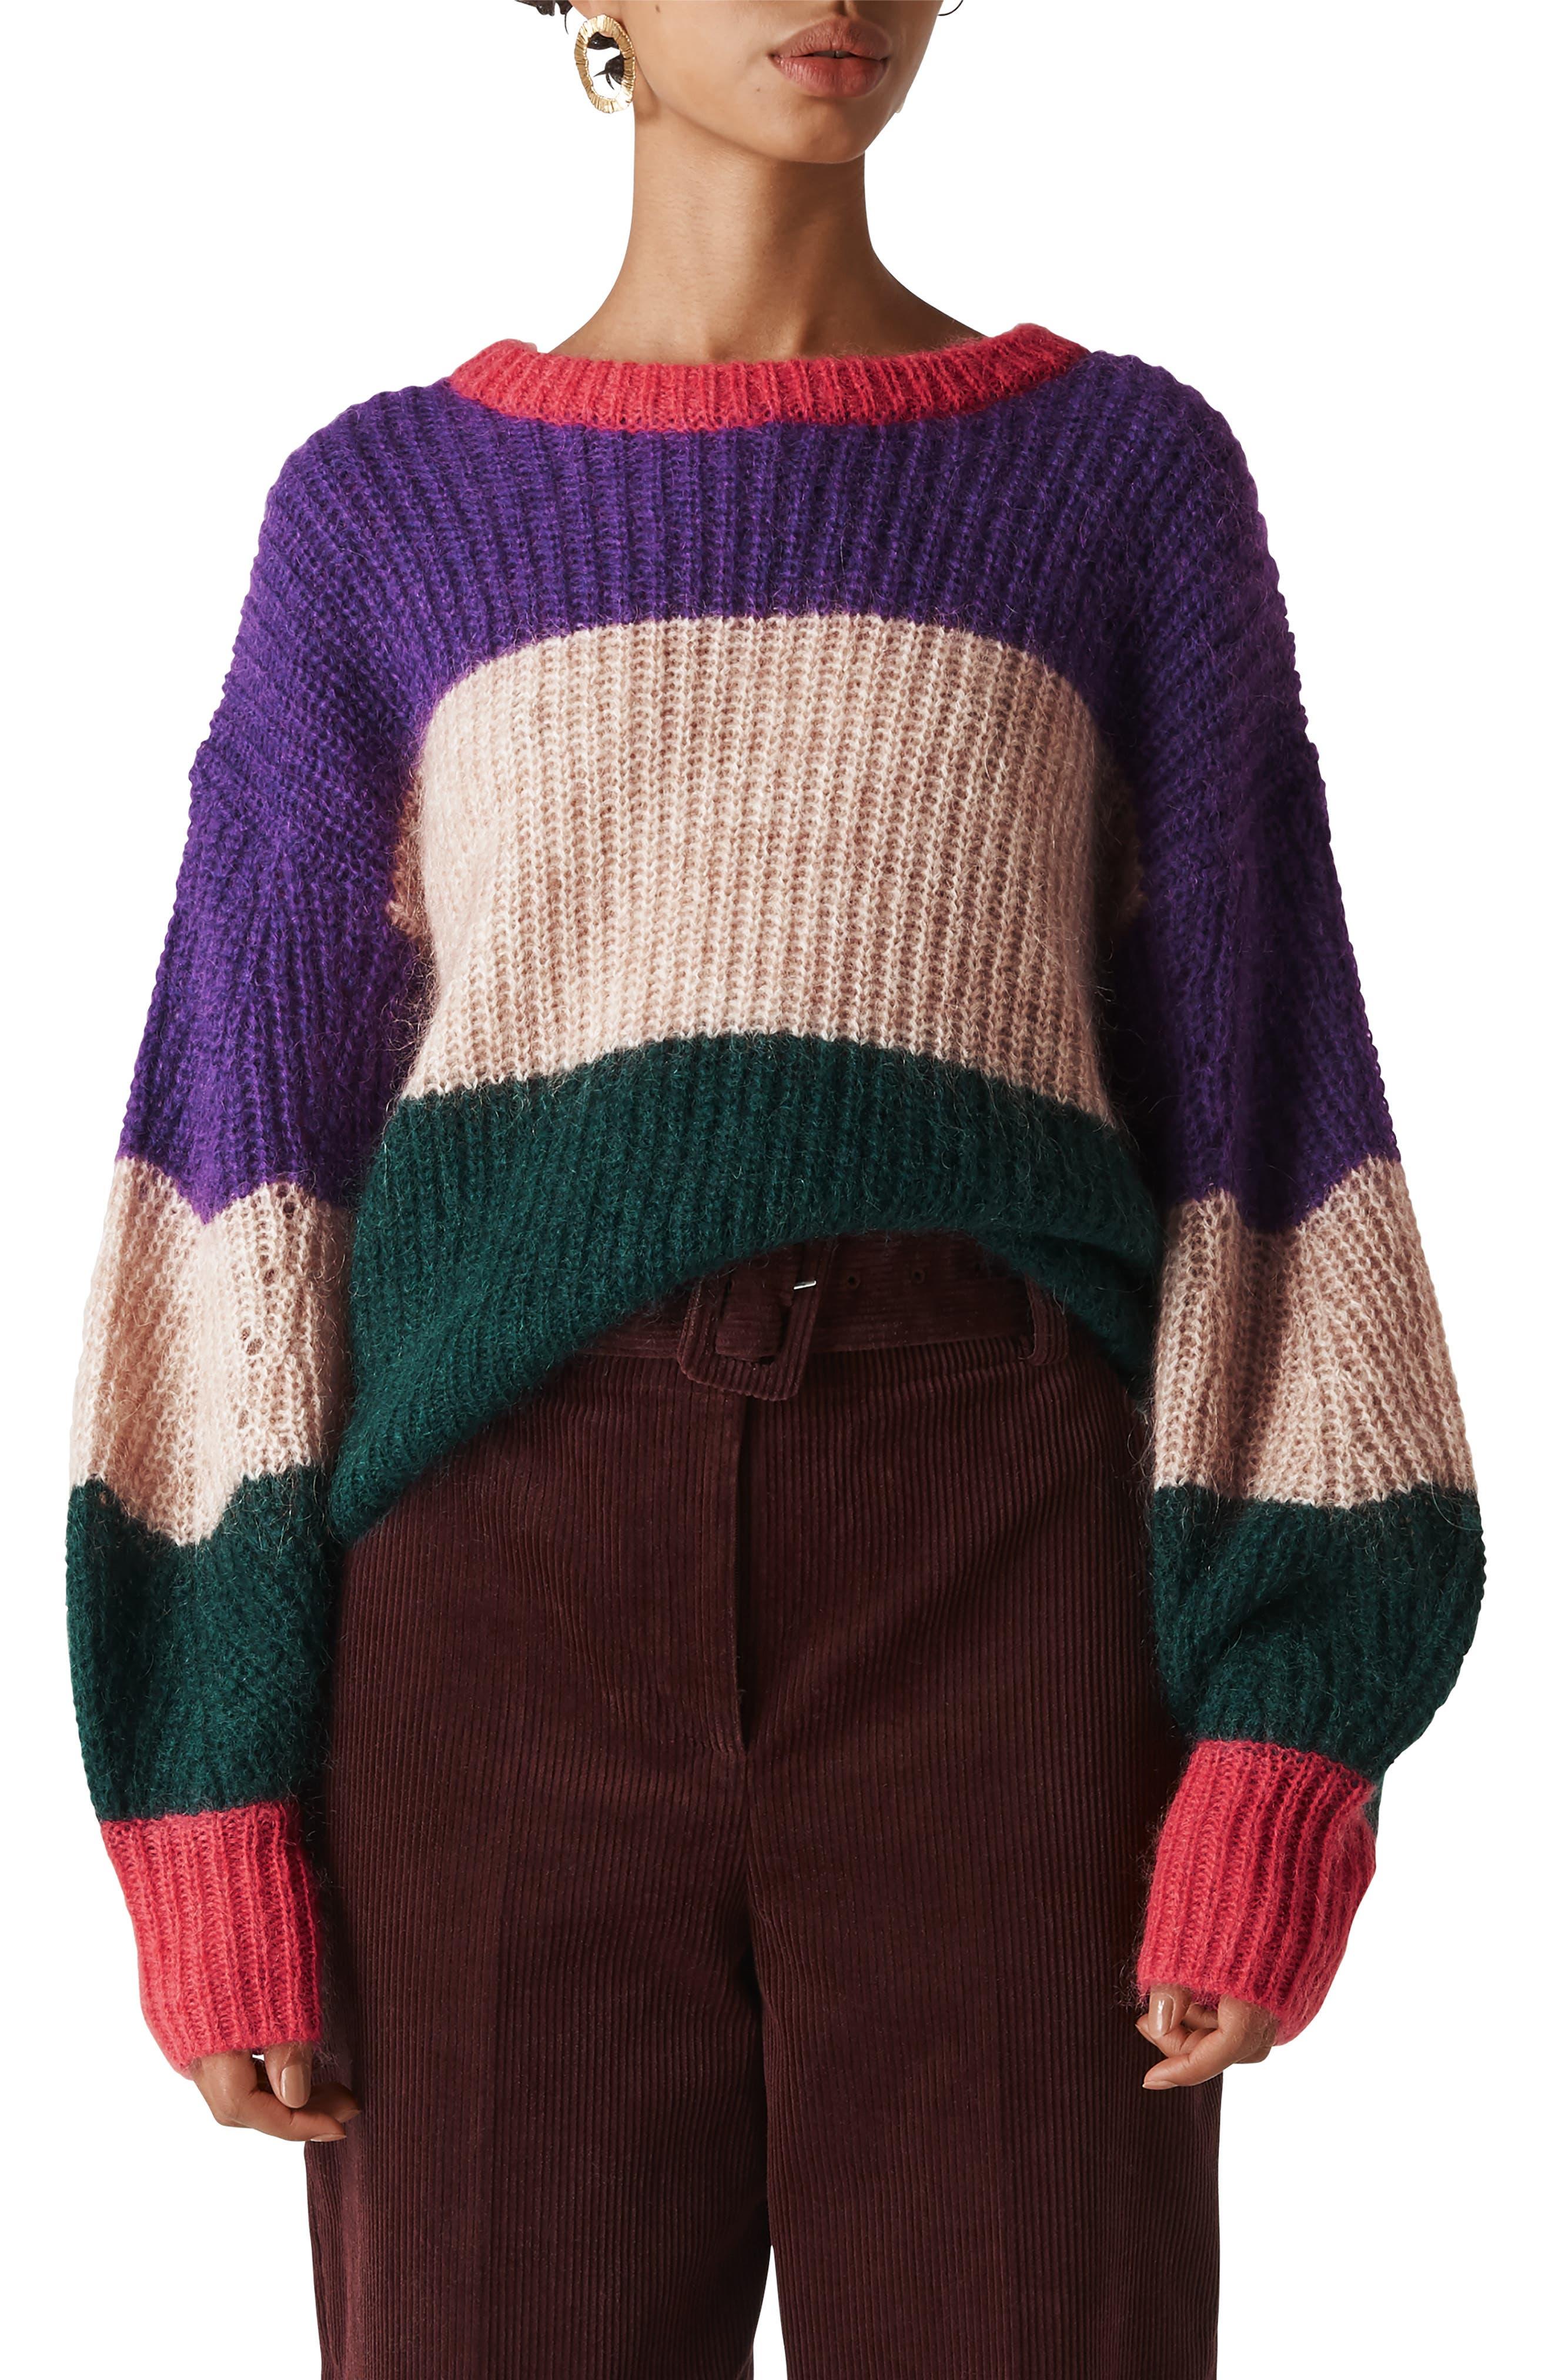 Sophia Striped Sweater in Multicolour